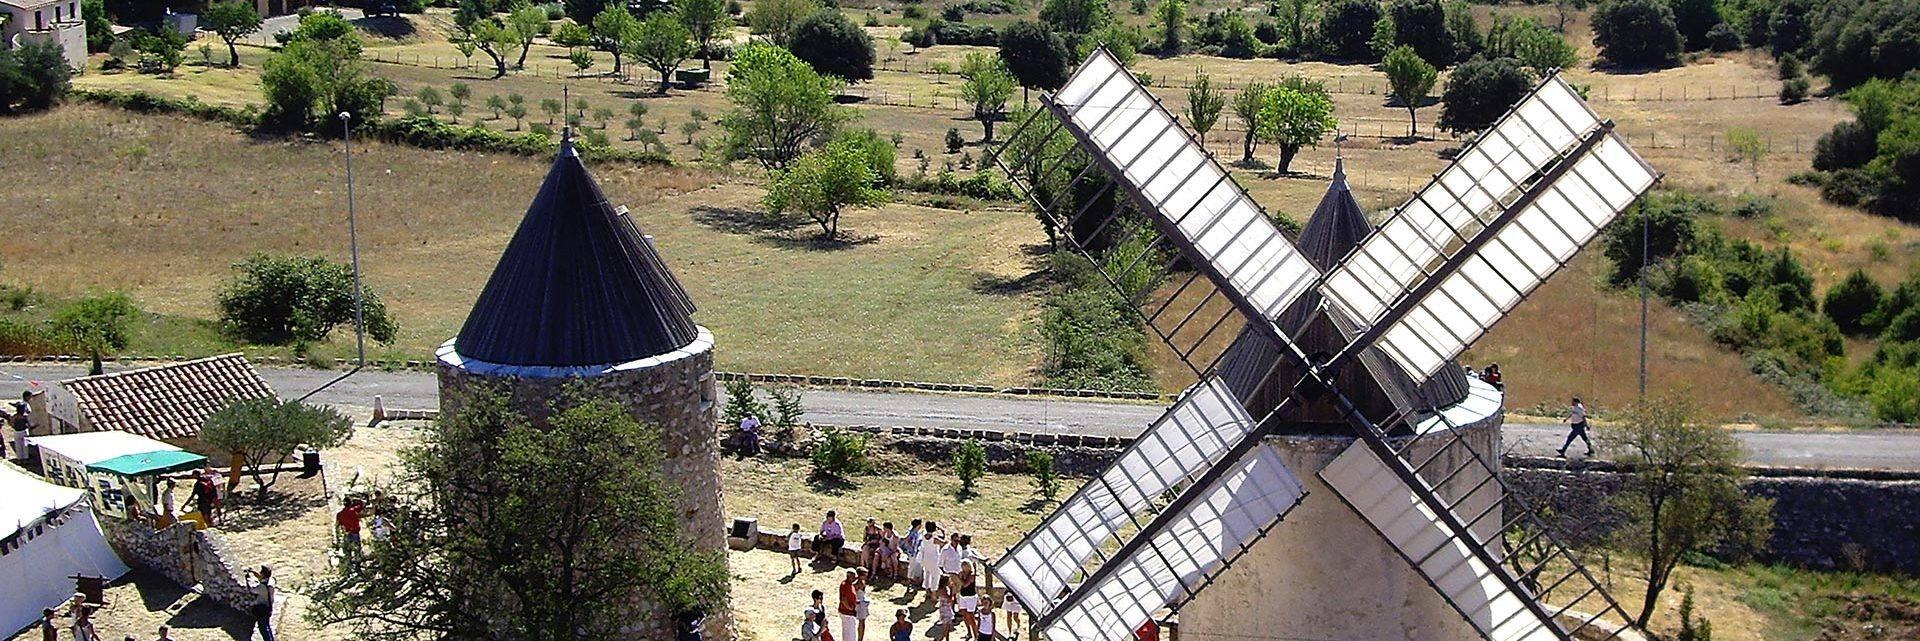 Fête des moulins à Régusse